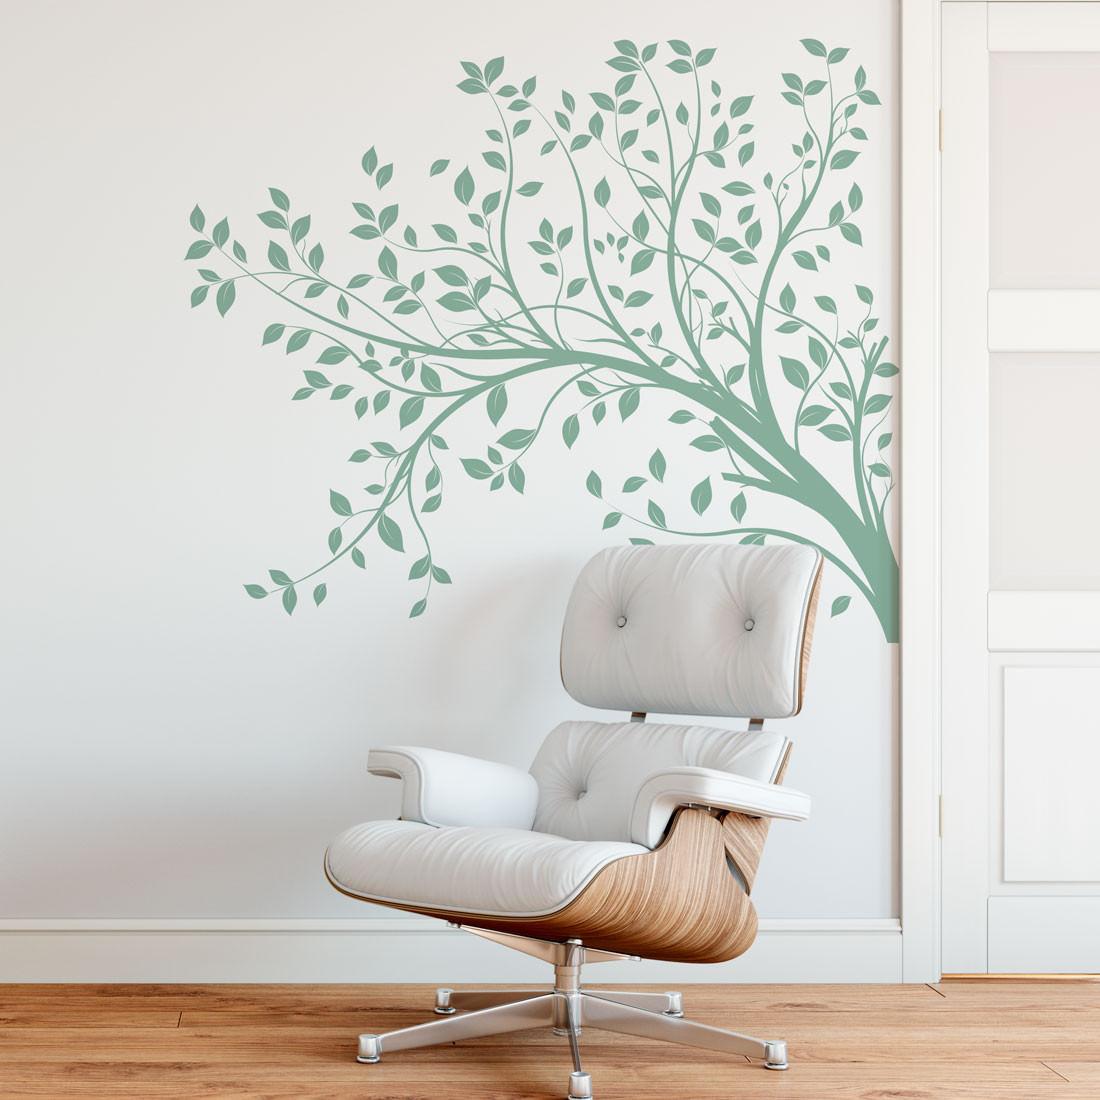 Adesivo Decorativo de Parede Galho Folhas Natureza